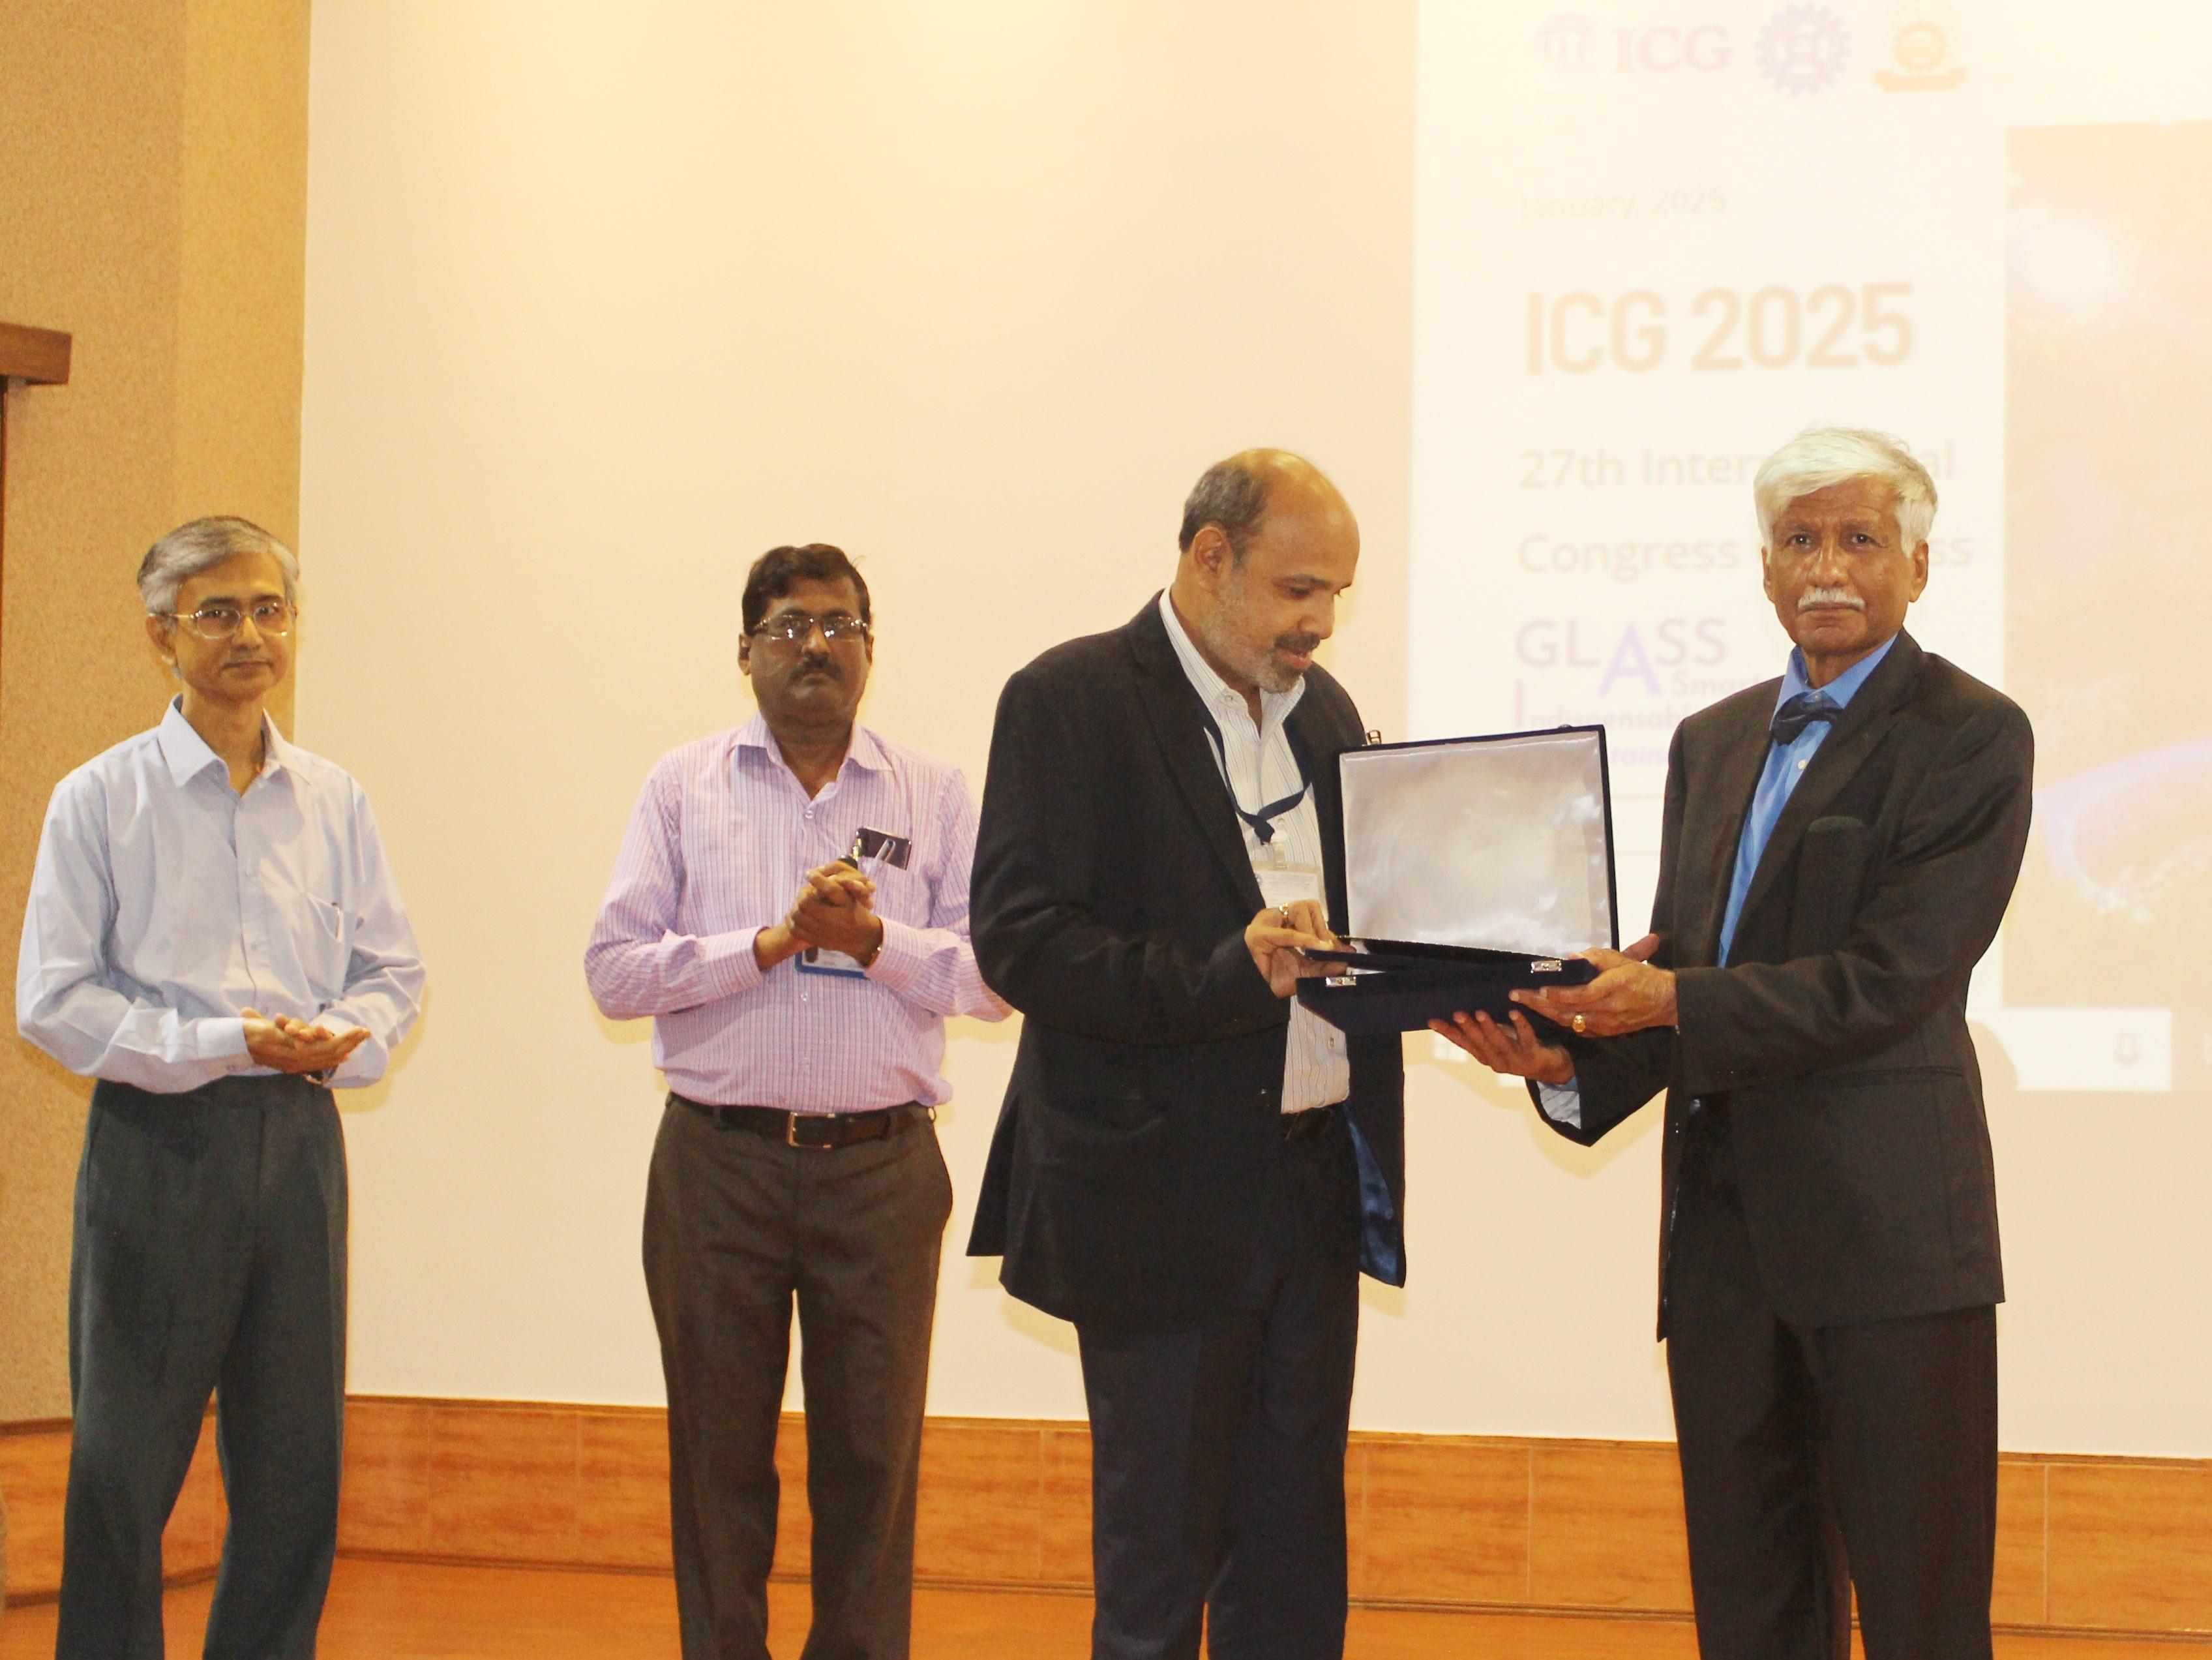 16th Atma Ram Memorial Lecture - Felicitation of Speaker